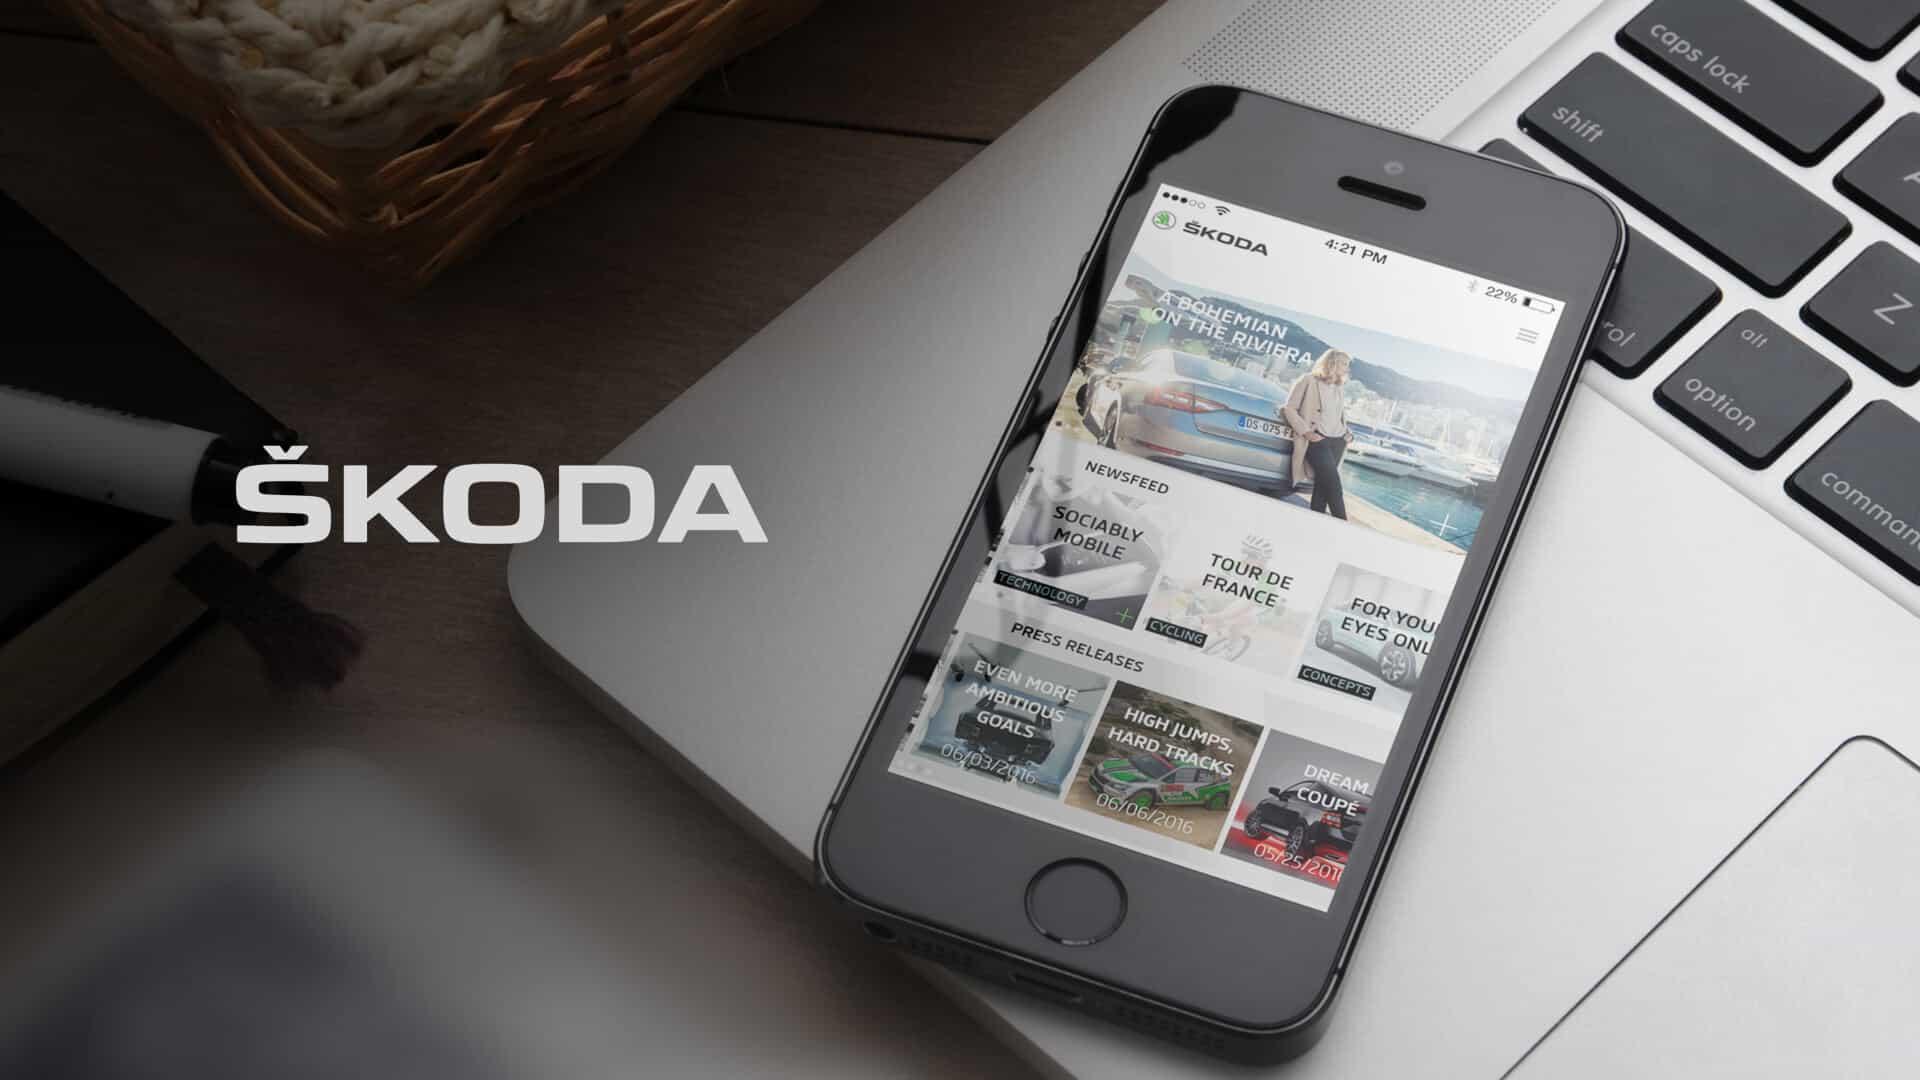 Reference - Škoda Storyboard (mobilní aplikace)